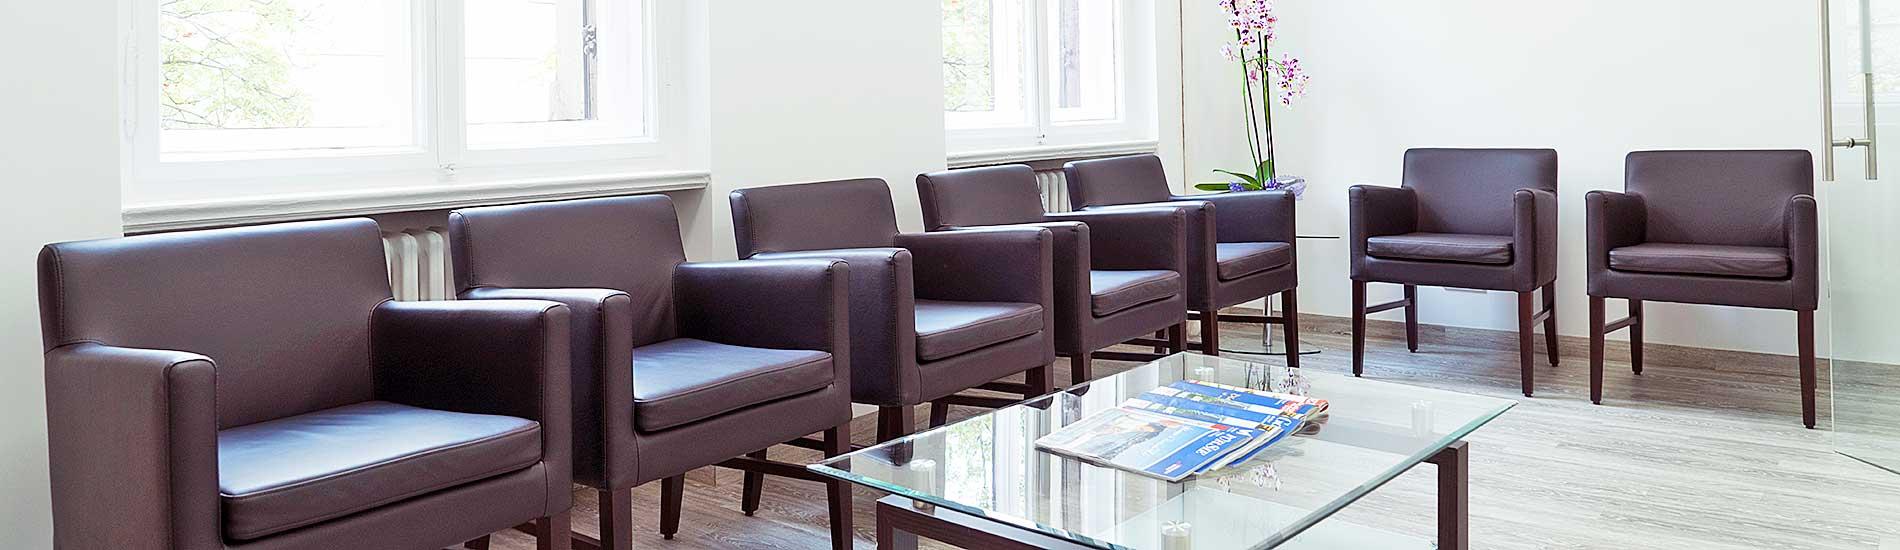 Chirurgische Praxis am Spreebogen – Wartezimmer